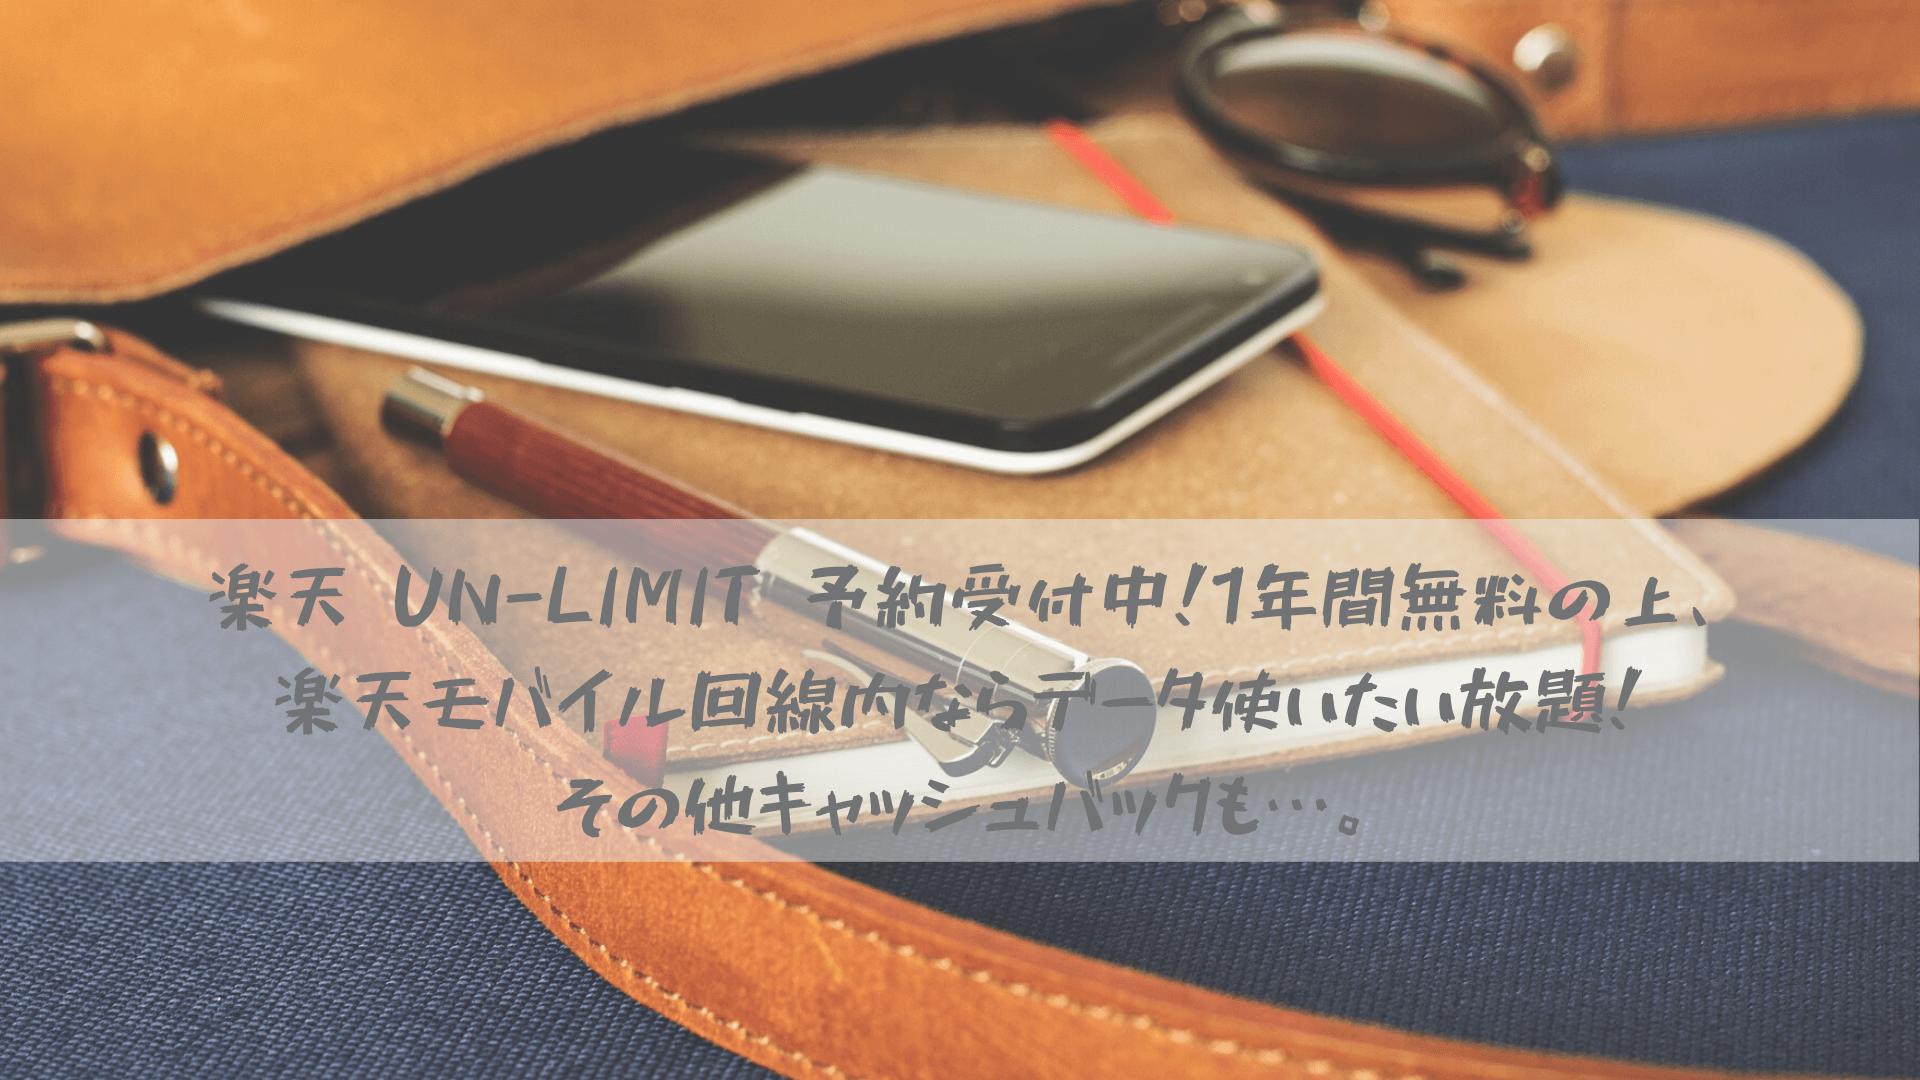 楽天 UN-LIMIT 予約受付中!1年間無料の上、楽天モバイル回線内ならデータ使いたい放題!その他キャッシュバックも…。